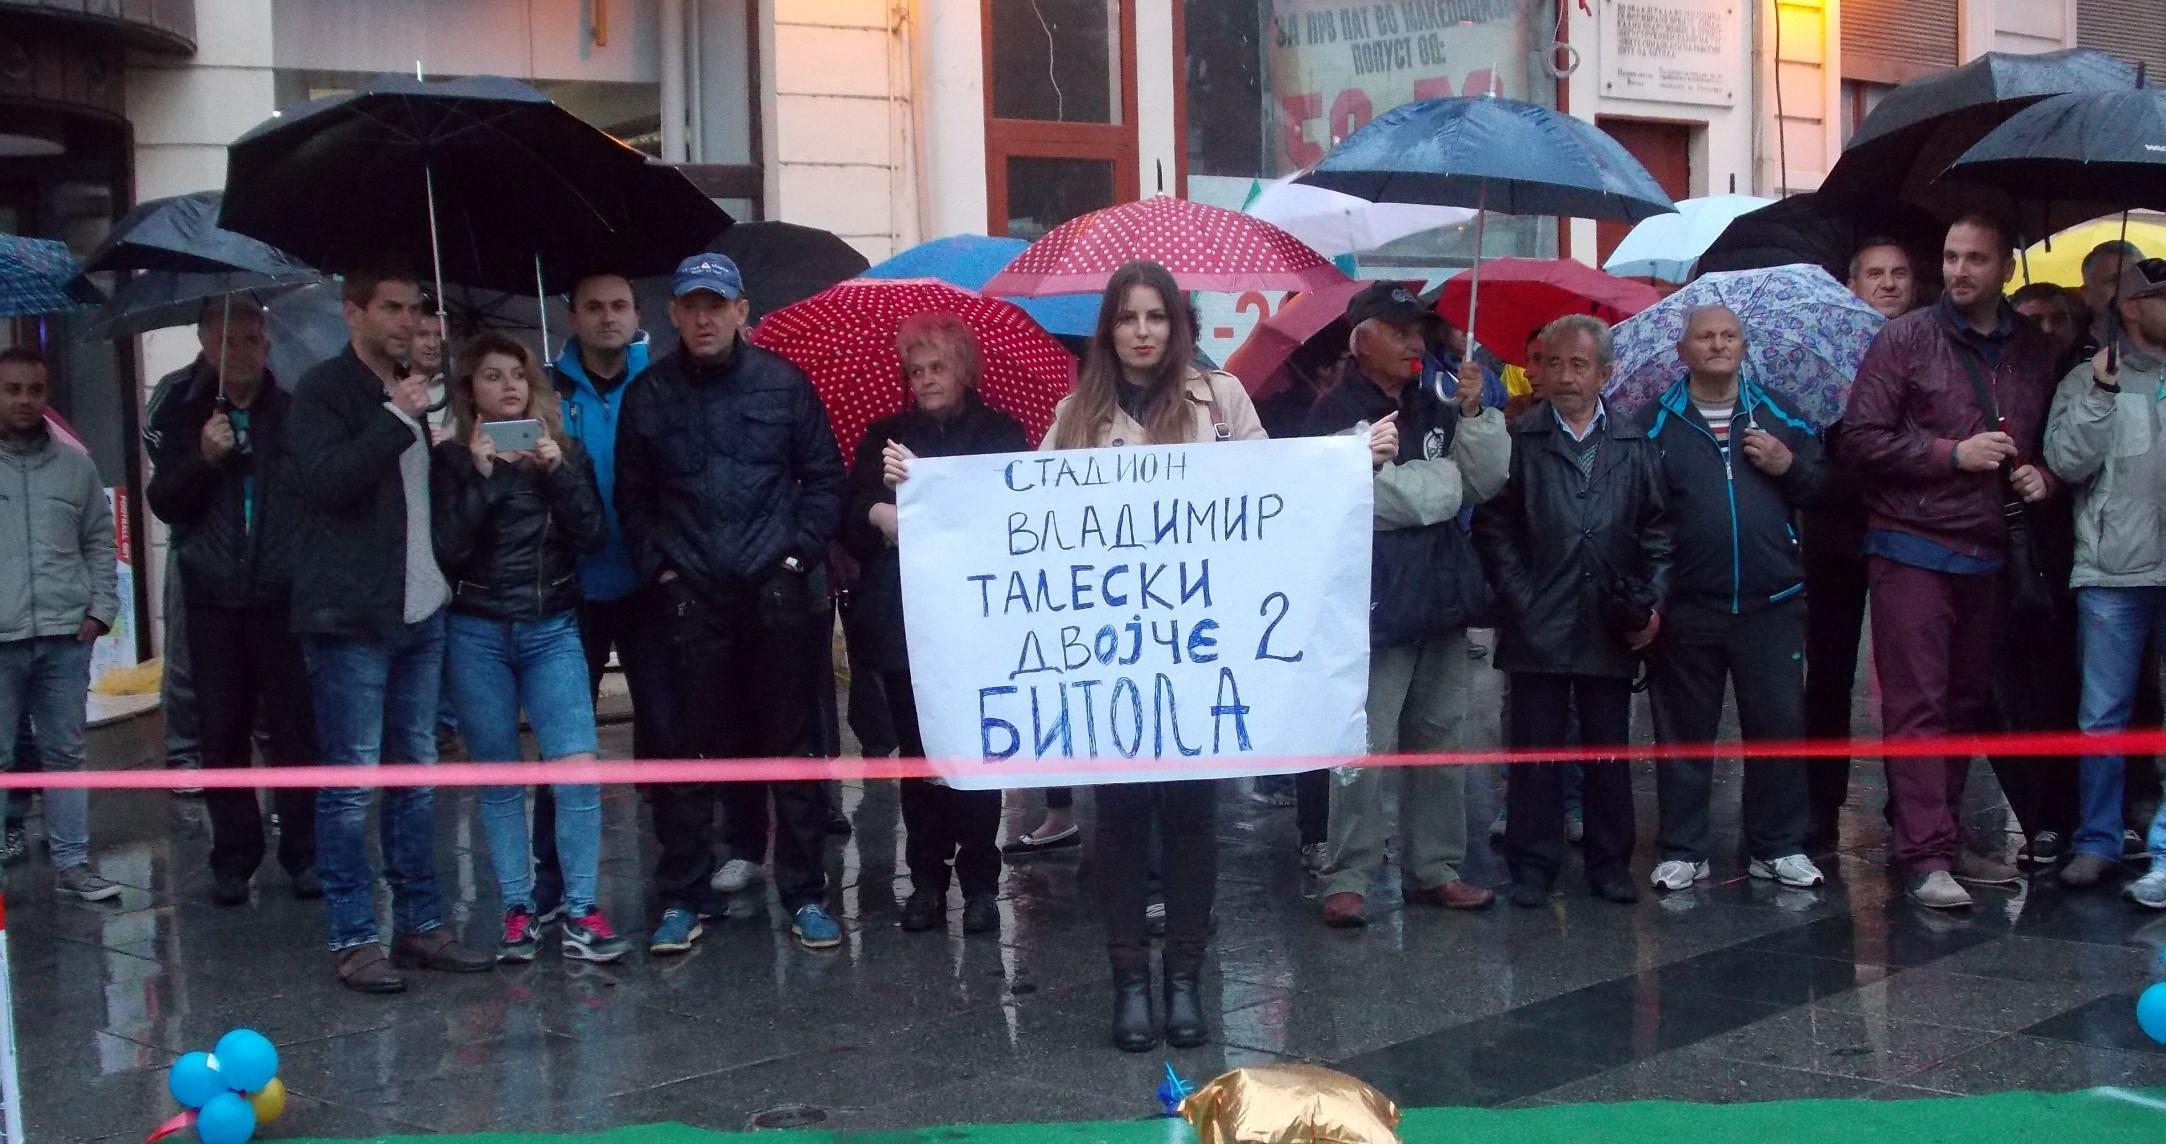 лиментина Митревска која денеска треба да се јави на распит во полиција. Таа за време на герилата крај зеленото теписонче држеше транспарент